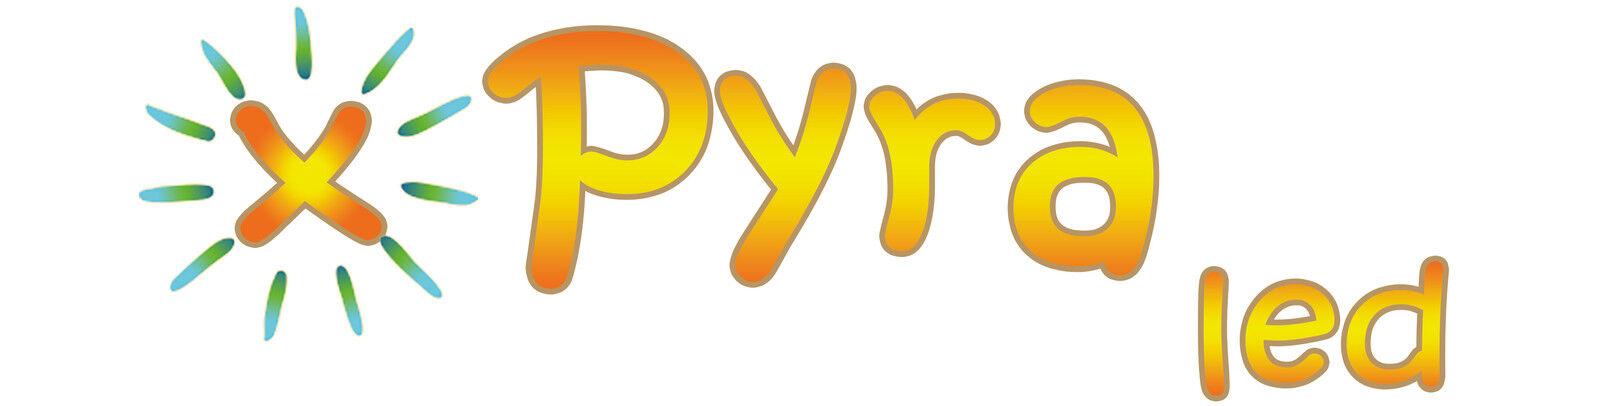 xPyraledSHOP